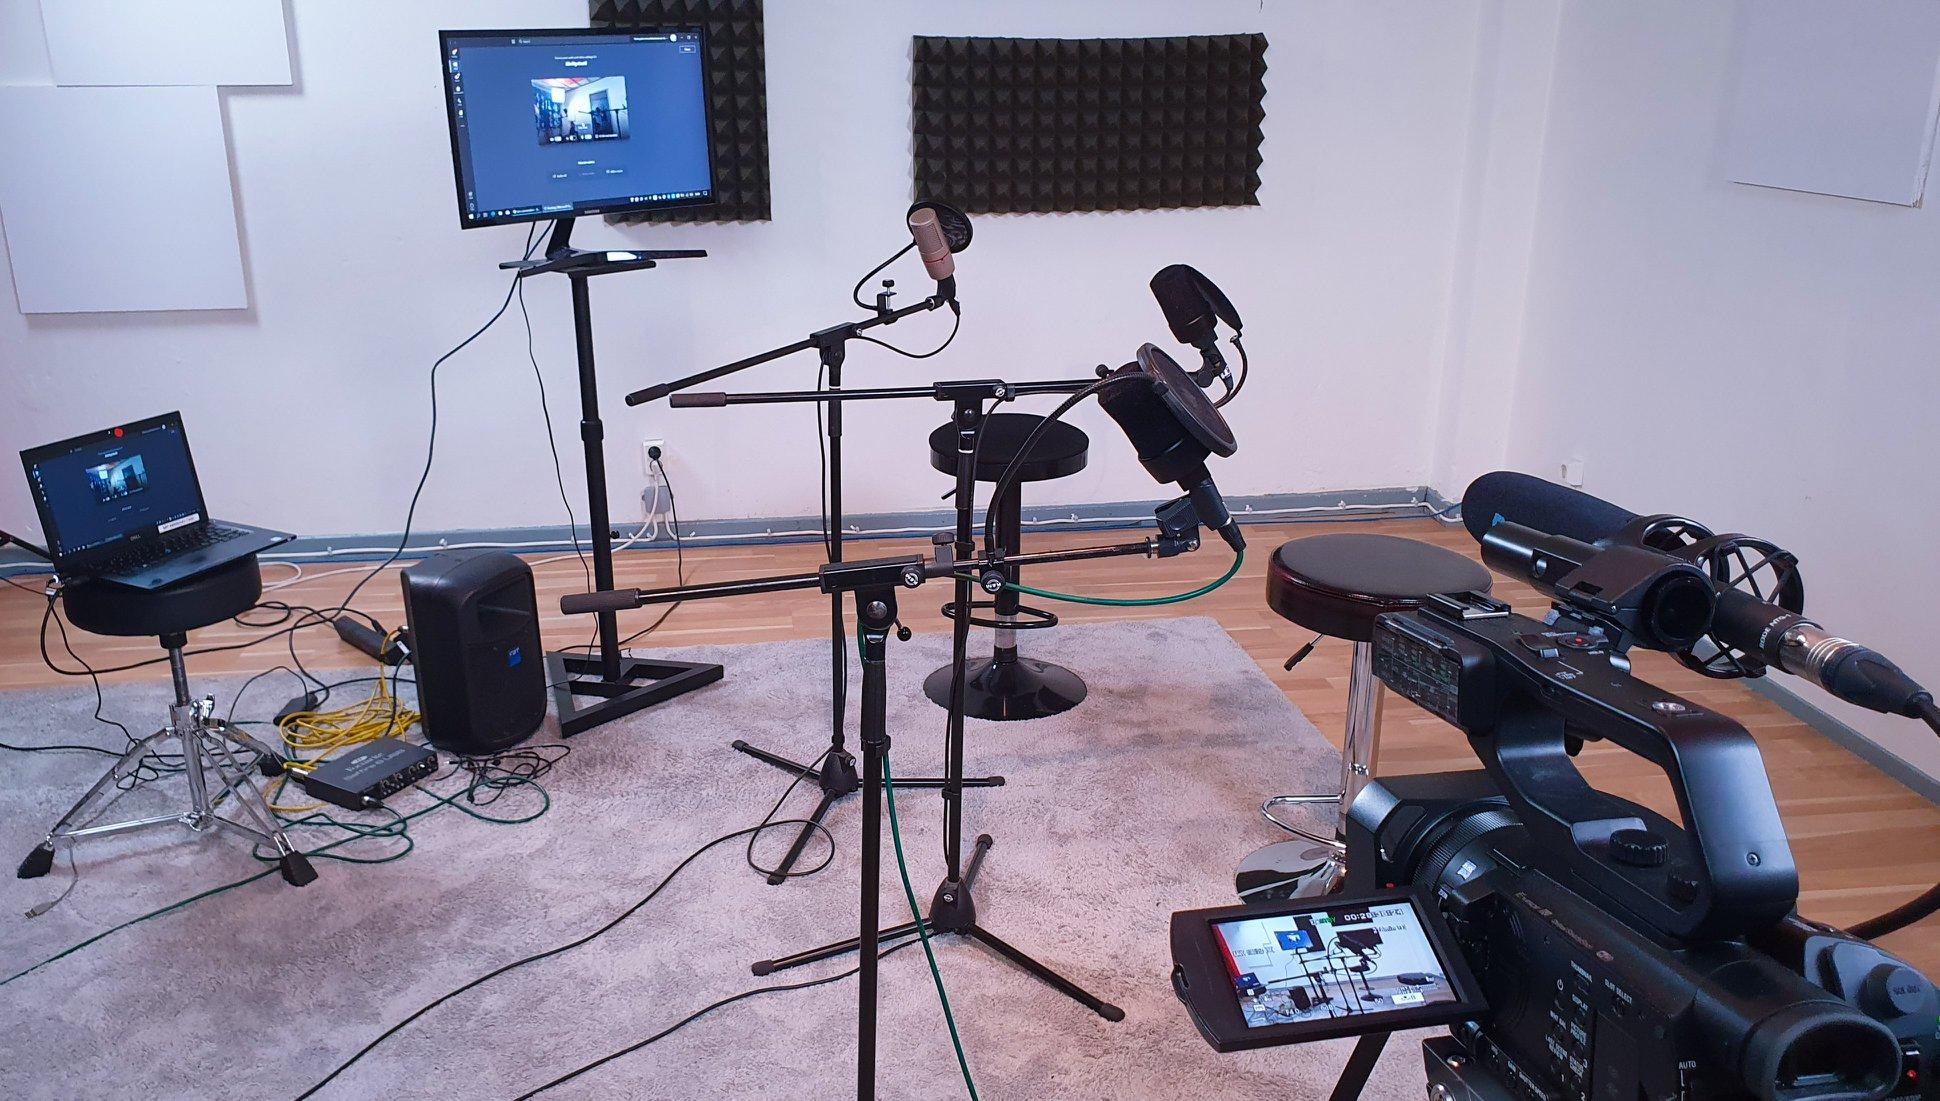 Podcastin valmistelua Pulu Studiolla - tarvittaessa etäyhteyden takaa saadaan vieraat mukaan videoyhteydellä.